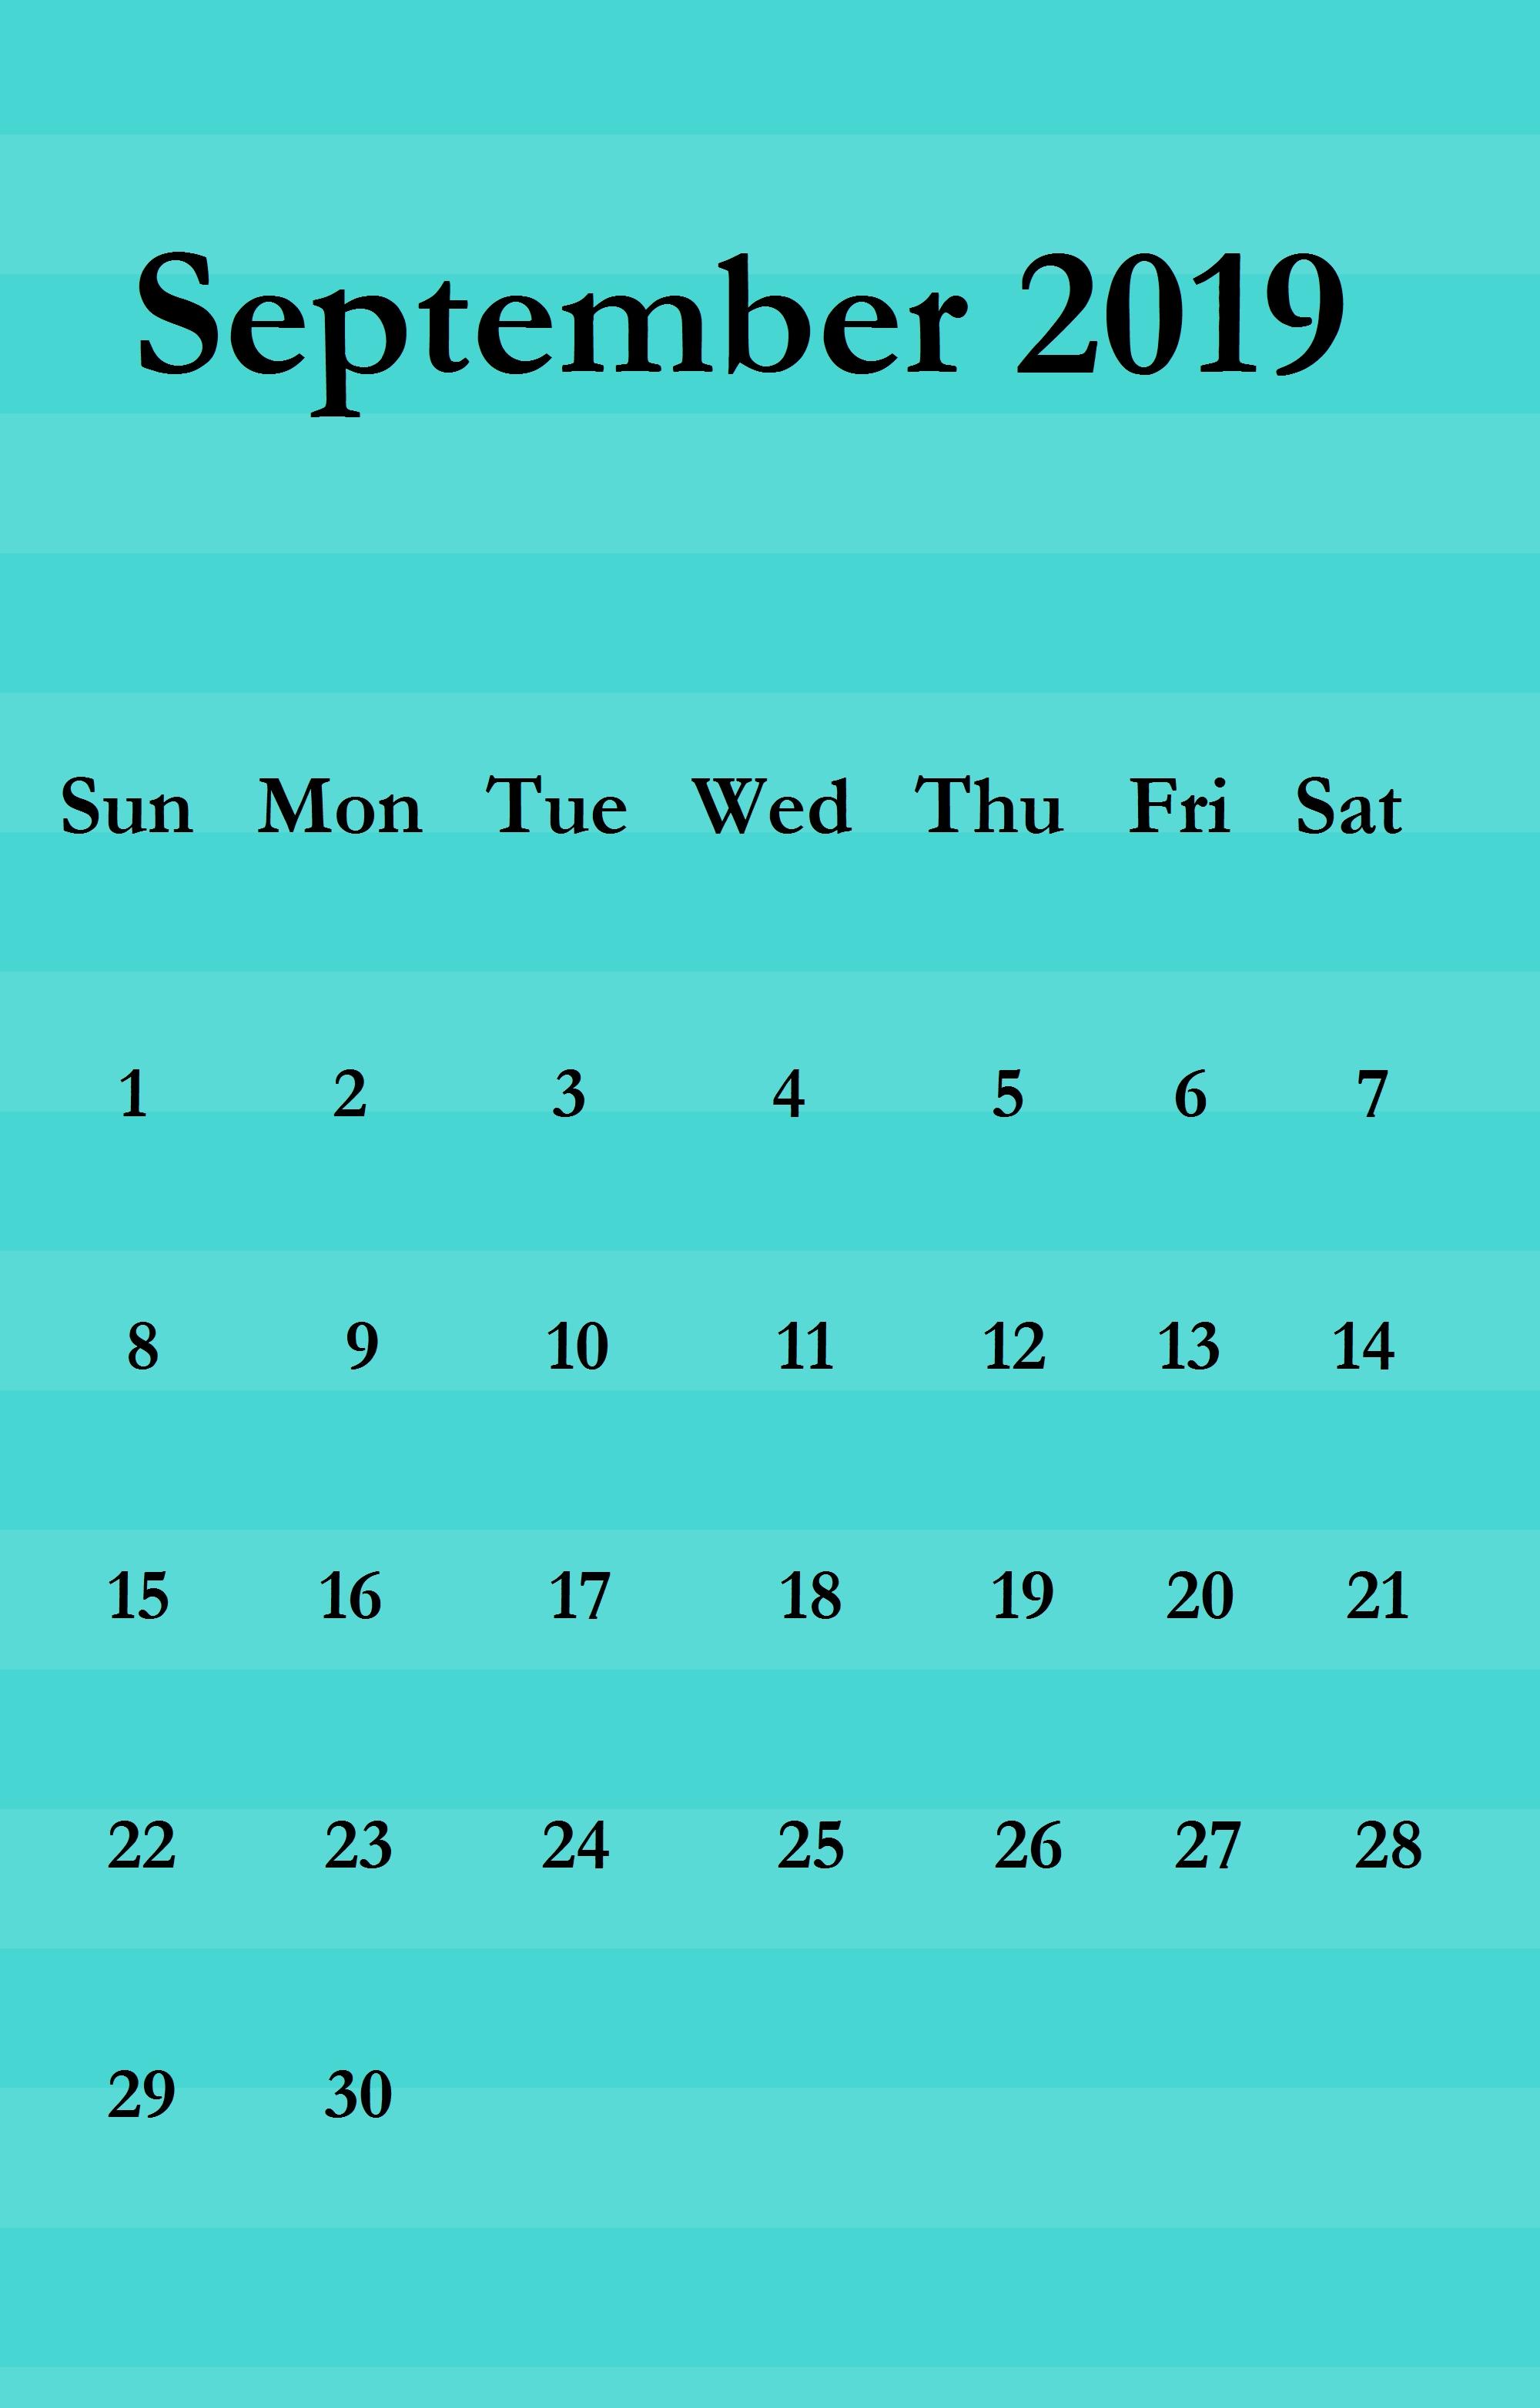 september 2019 iphone wallpaper calendar calendar 2019::September 2019 iPhone Wallpaper Calendar